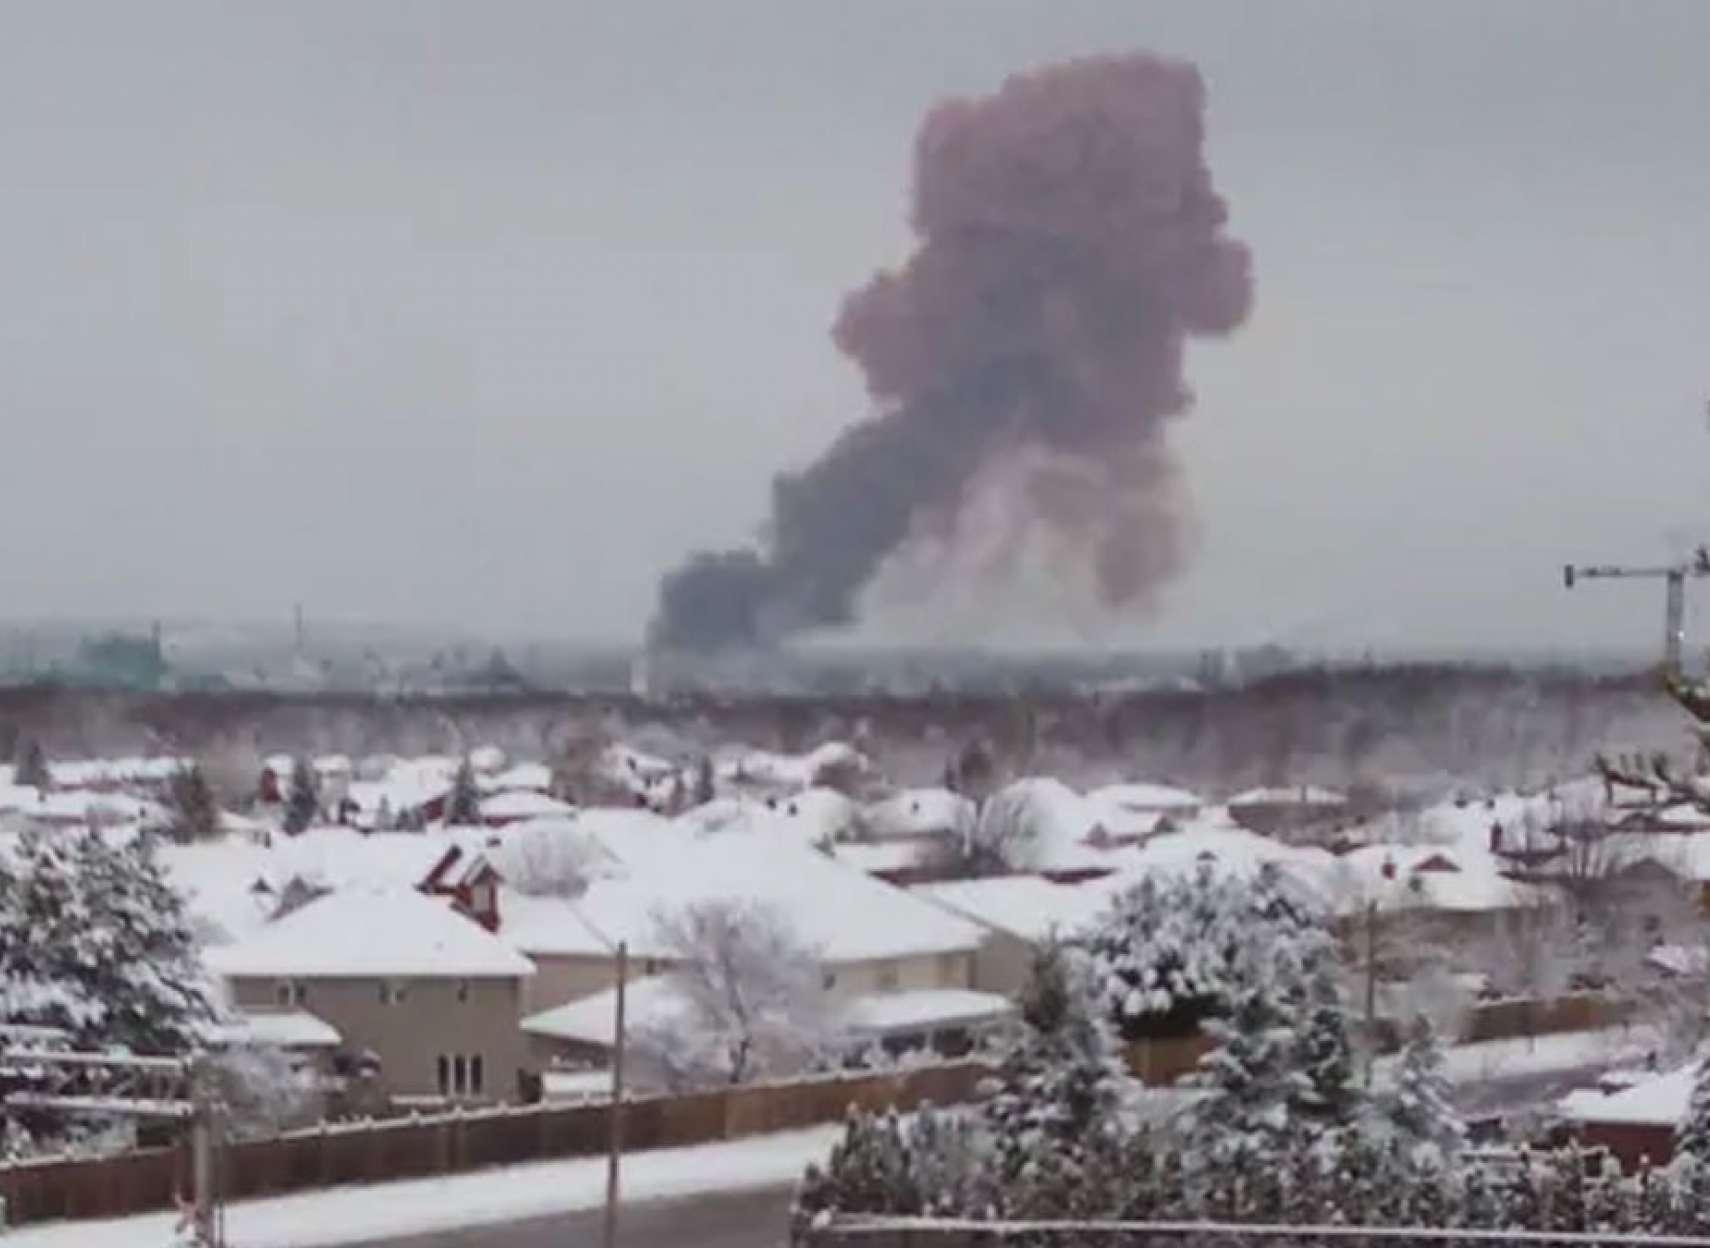 اخبار-تورنتو-انفجار-مهیب-در-کارخانه-فولاد-همیلتون-کانادا